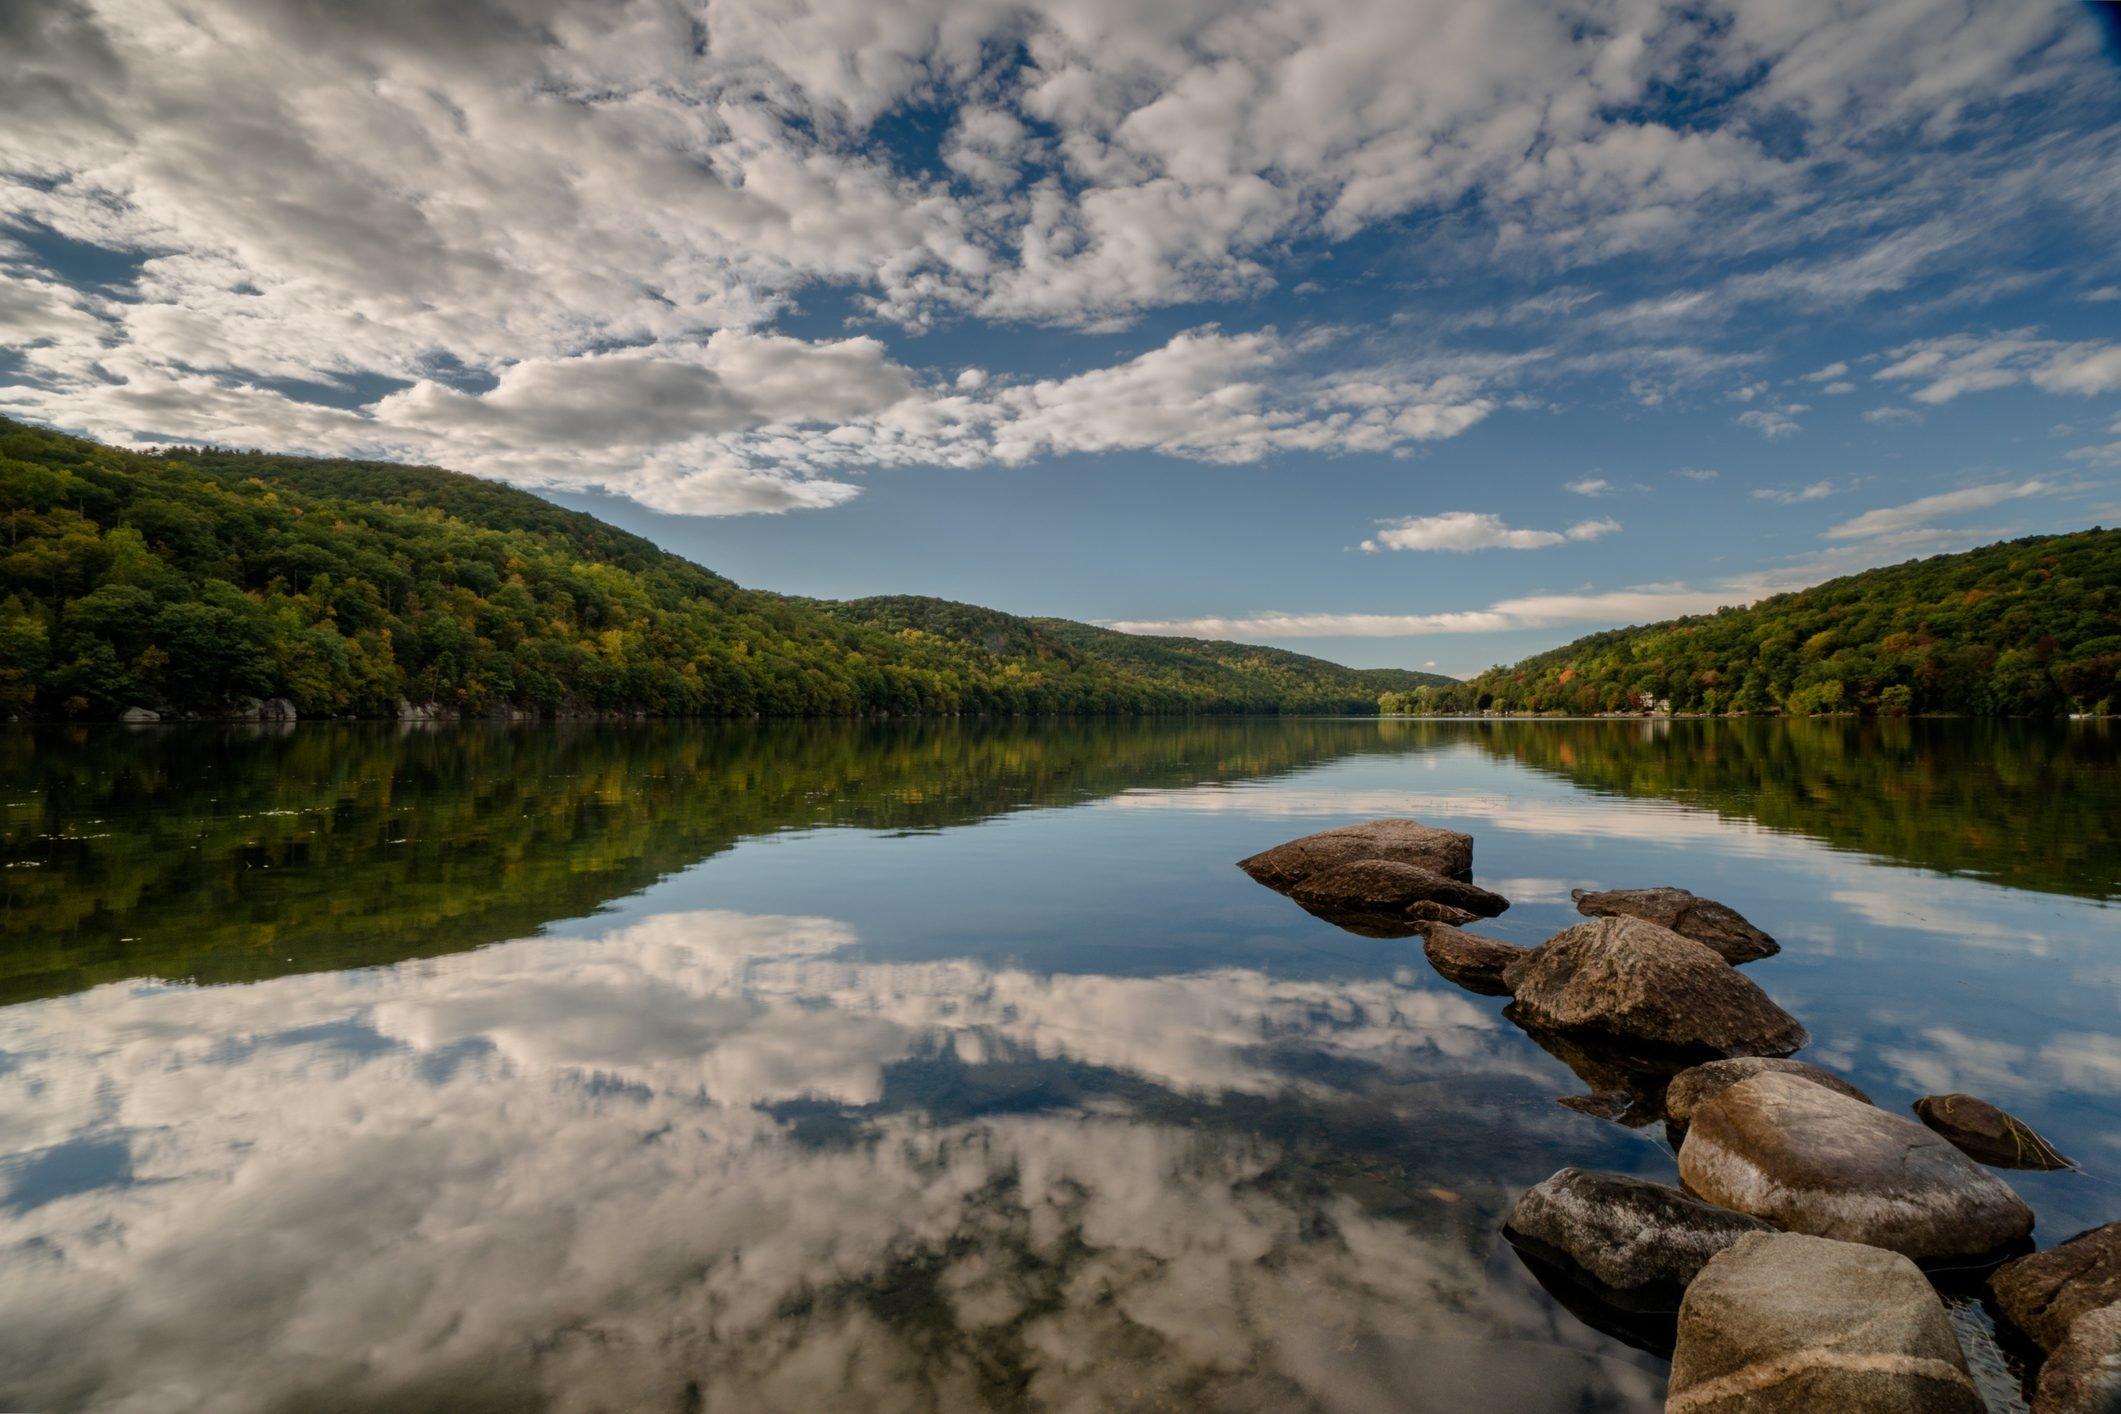 beautiful mountain lake in New England